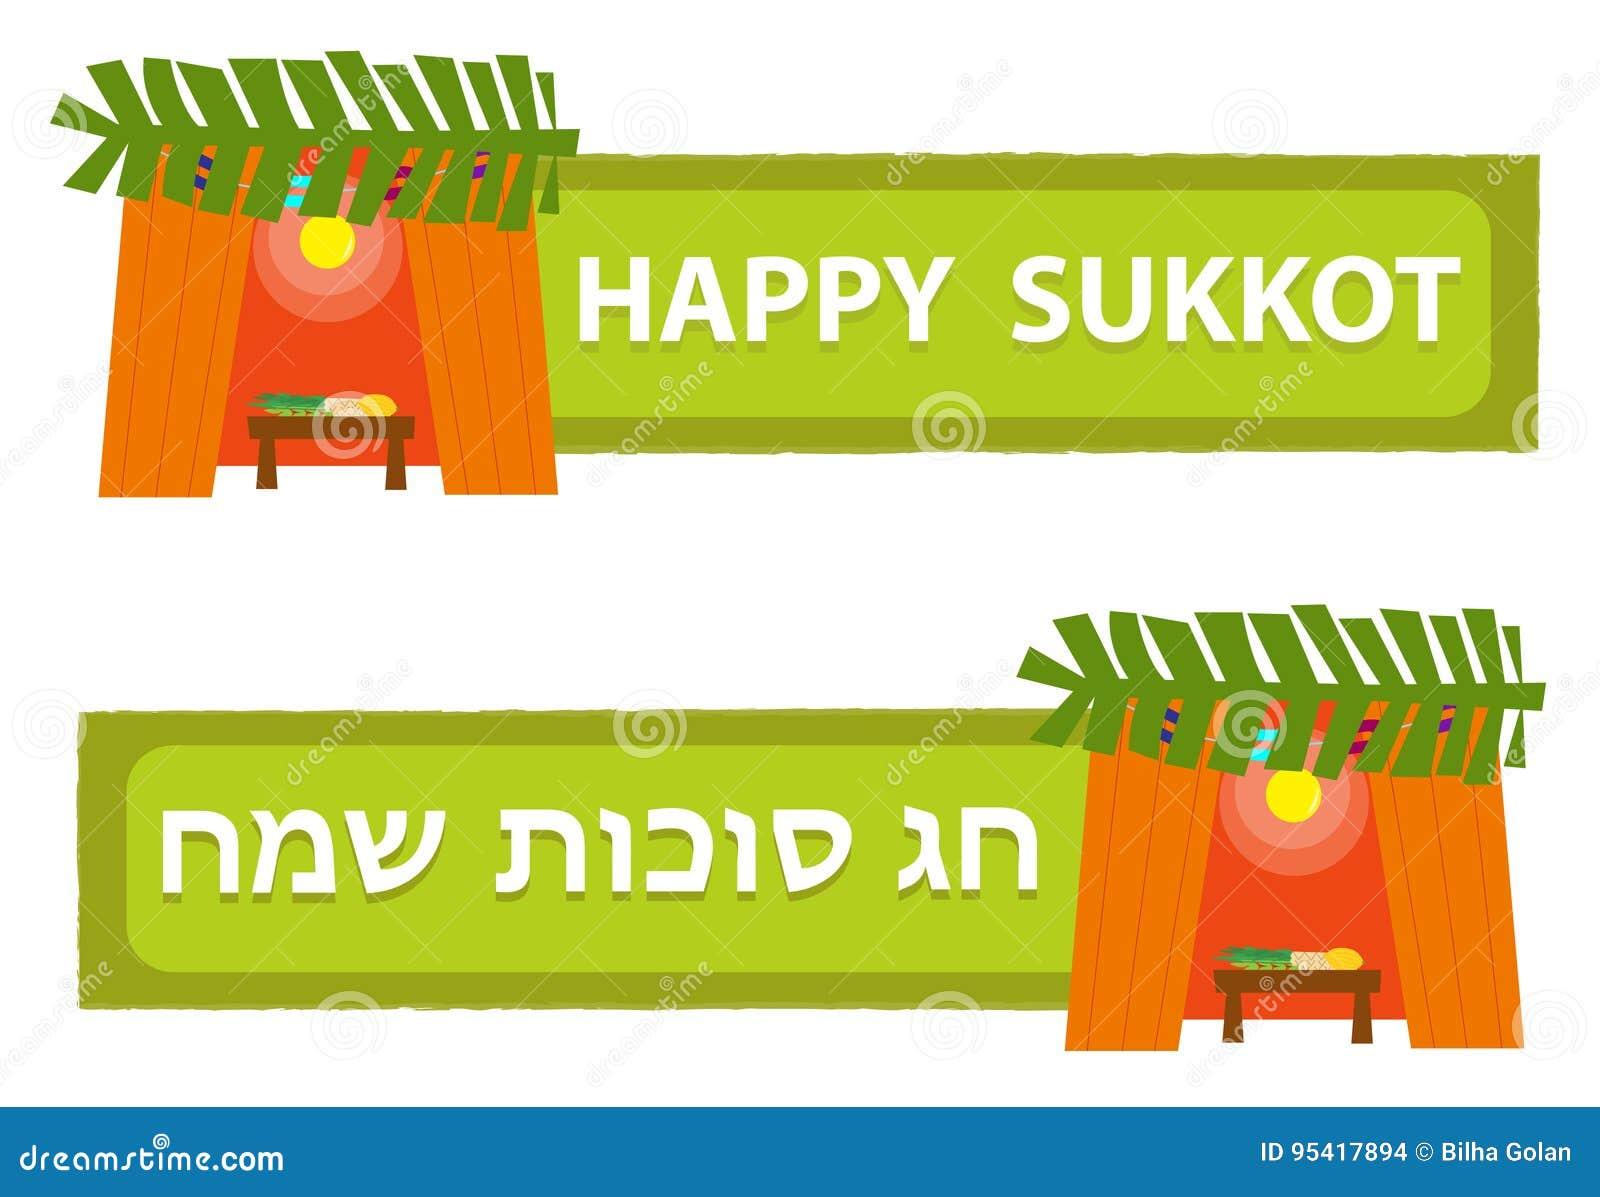 Congratulations to Sukkot in Hebrew 42